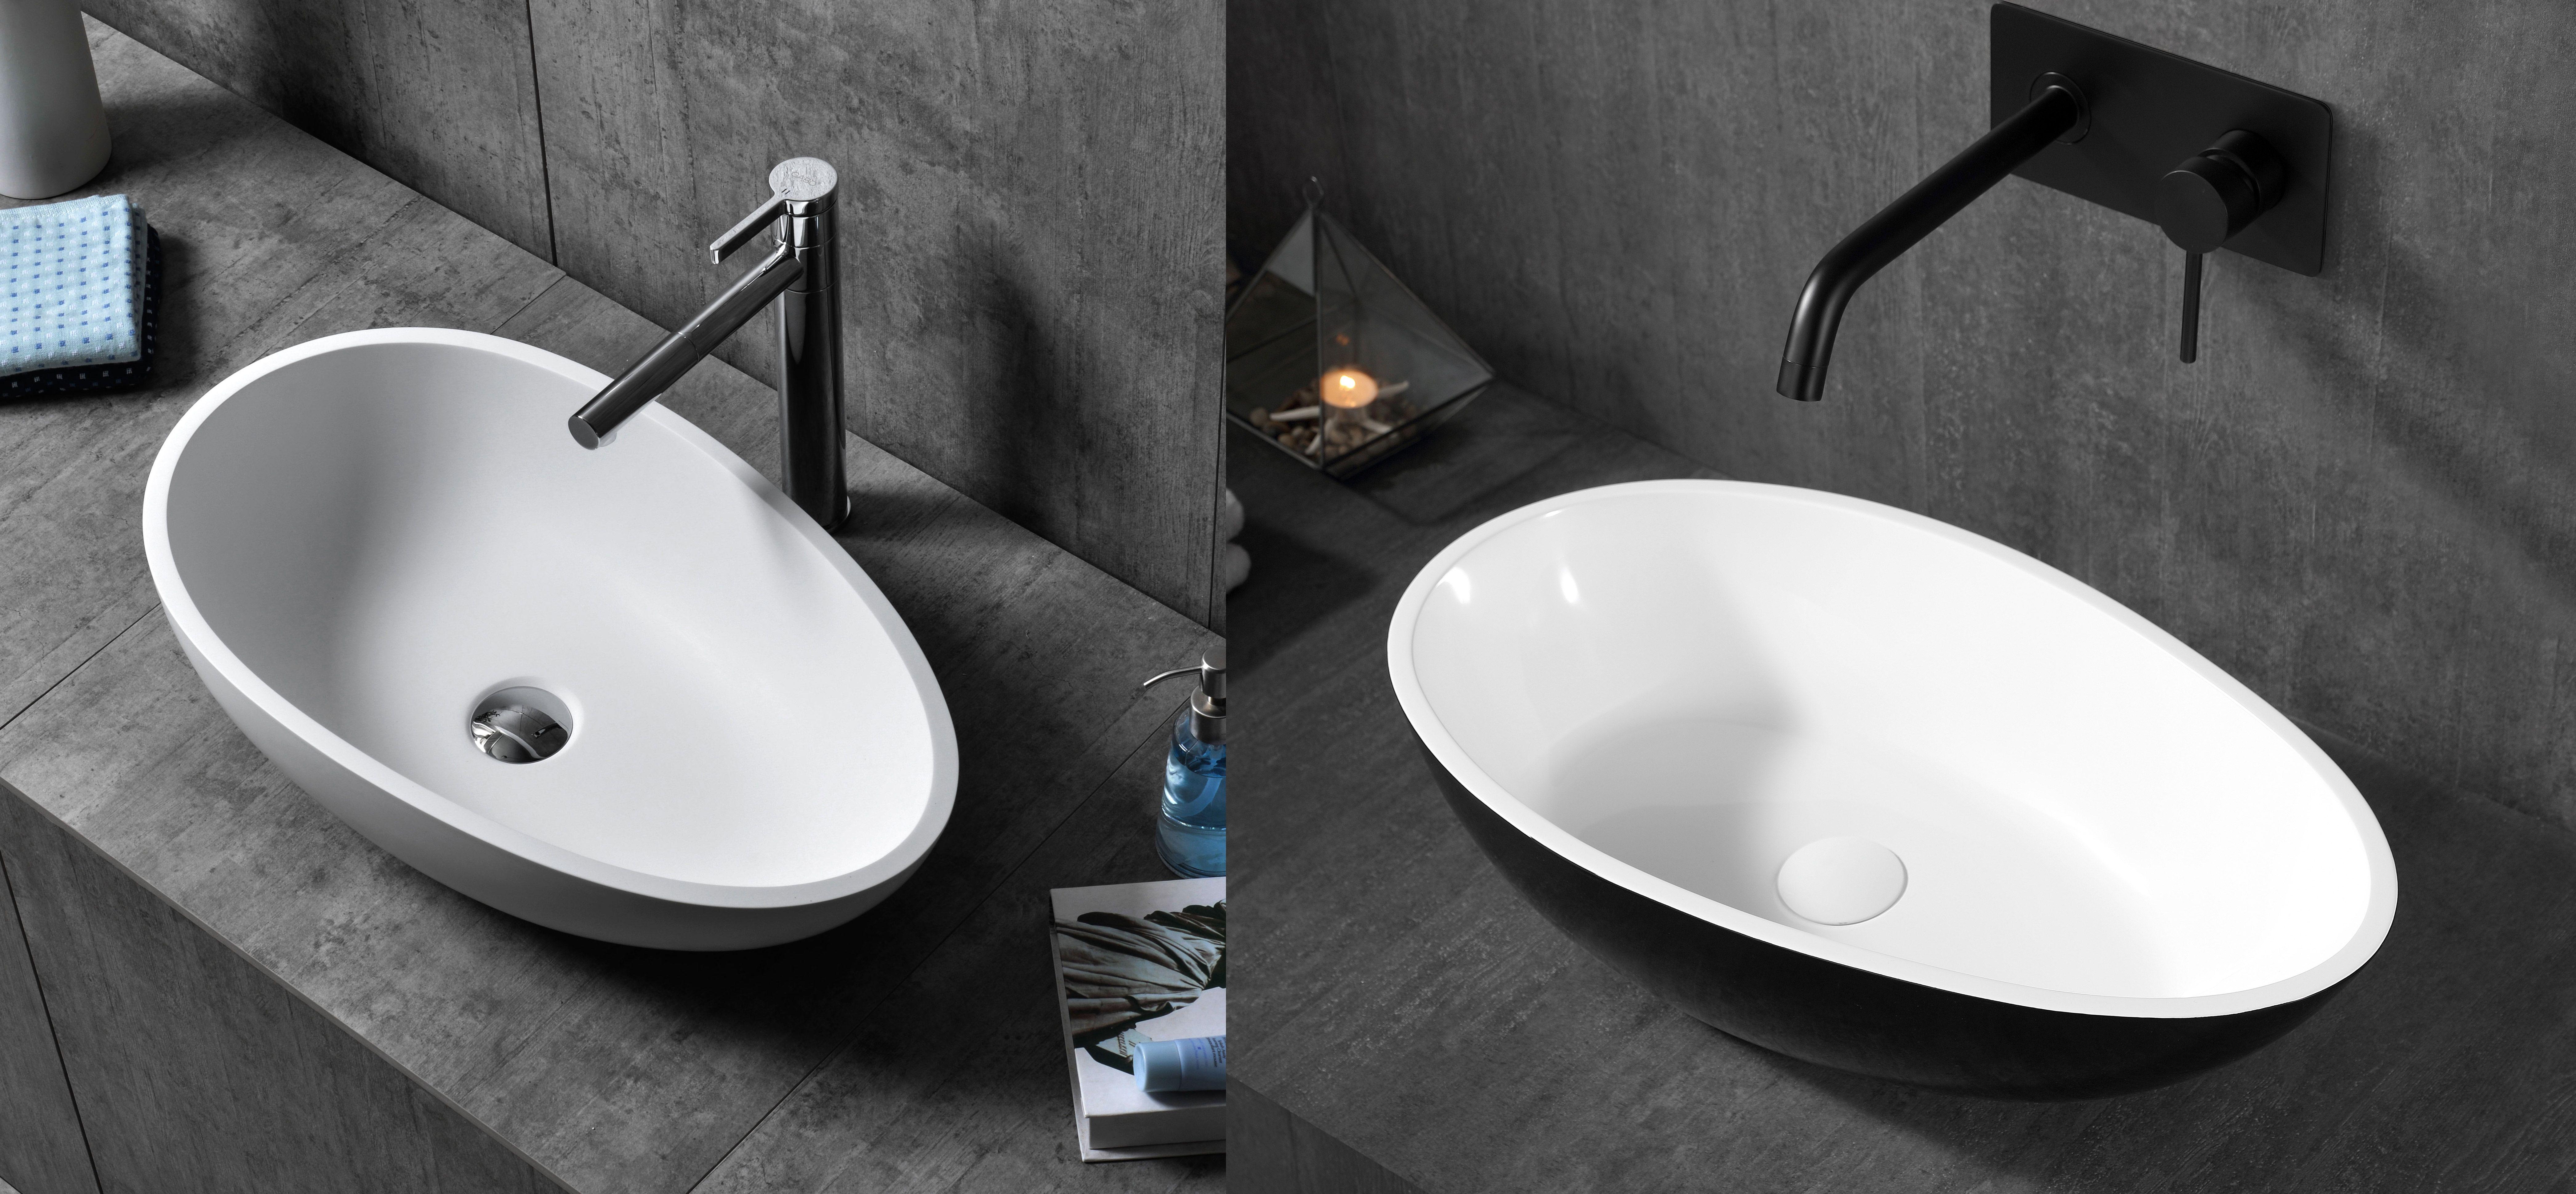 Aufsatzwaschbecken Dk2 Aufsatzwaschbecken Waschbecken Badezimmer Gunstig